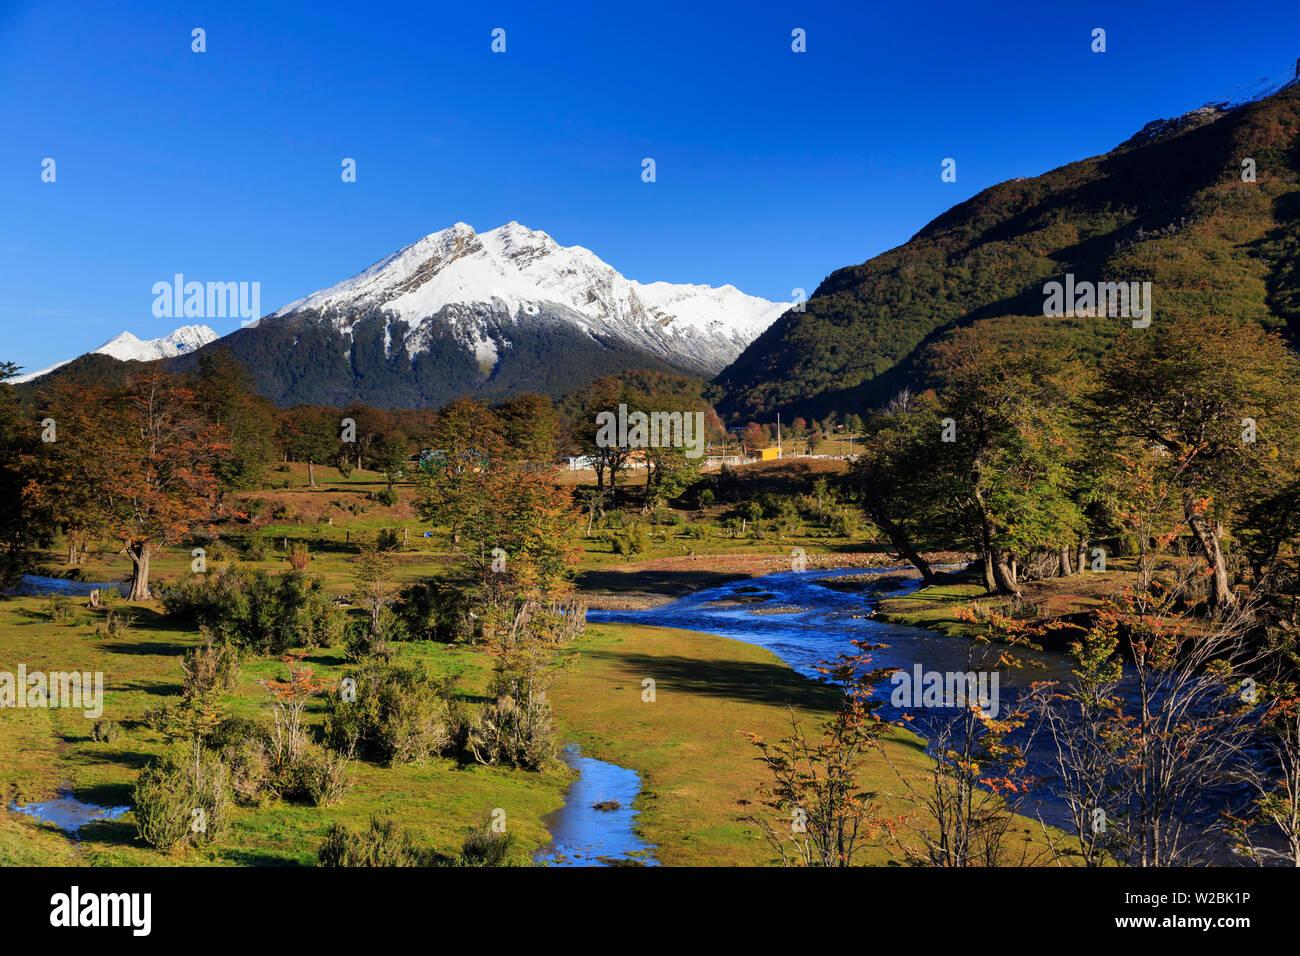 Argentina, Tierra del Fuego, Ushuaia, Tierra del Fuego National Park - Stock Image